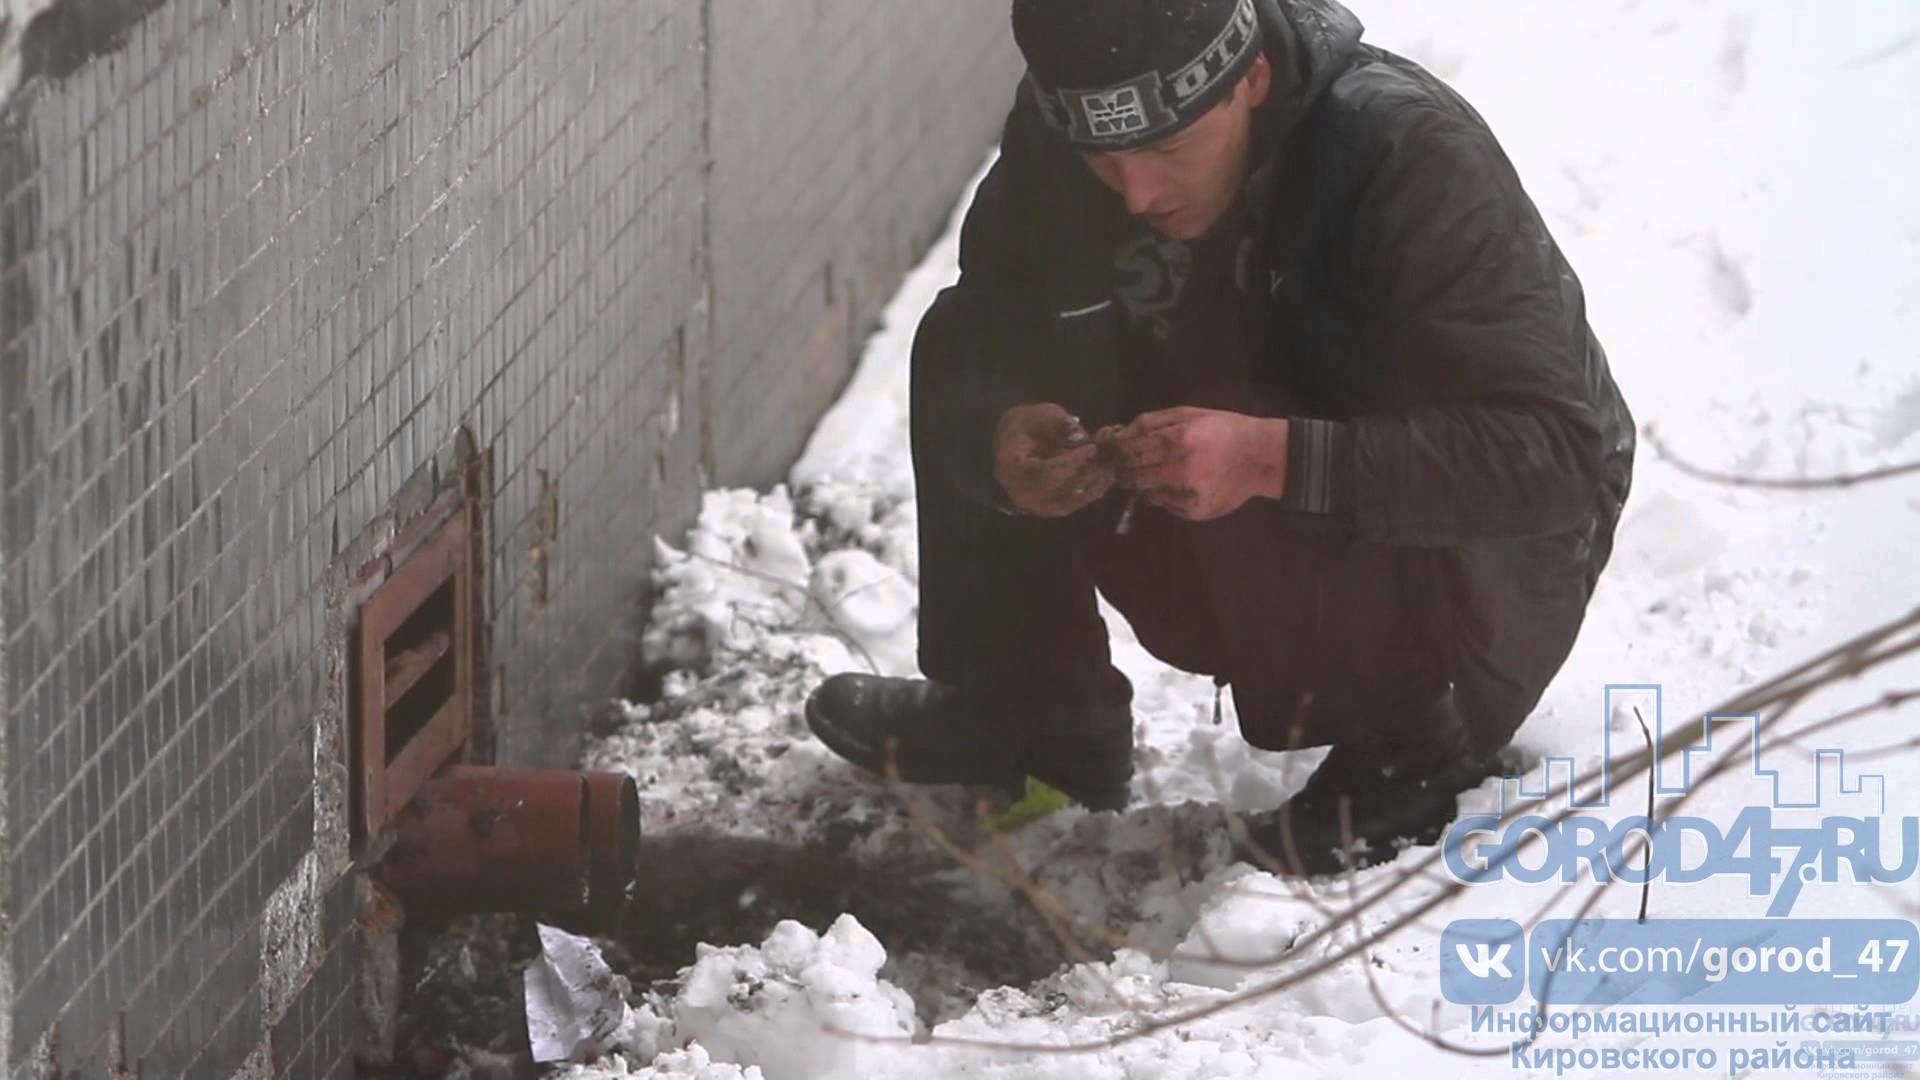 В Кировске ФСБ задержала наркополицейского. Капитана Медведева подвела абонентская плата драгдилеров